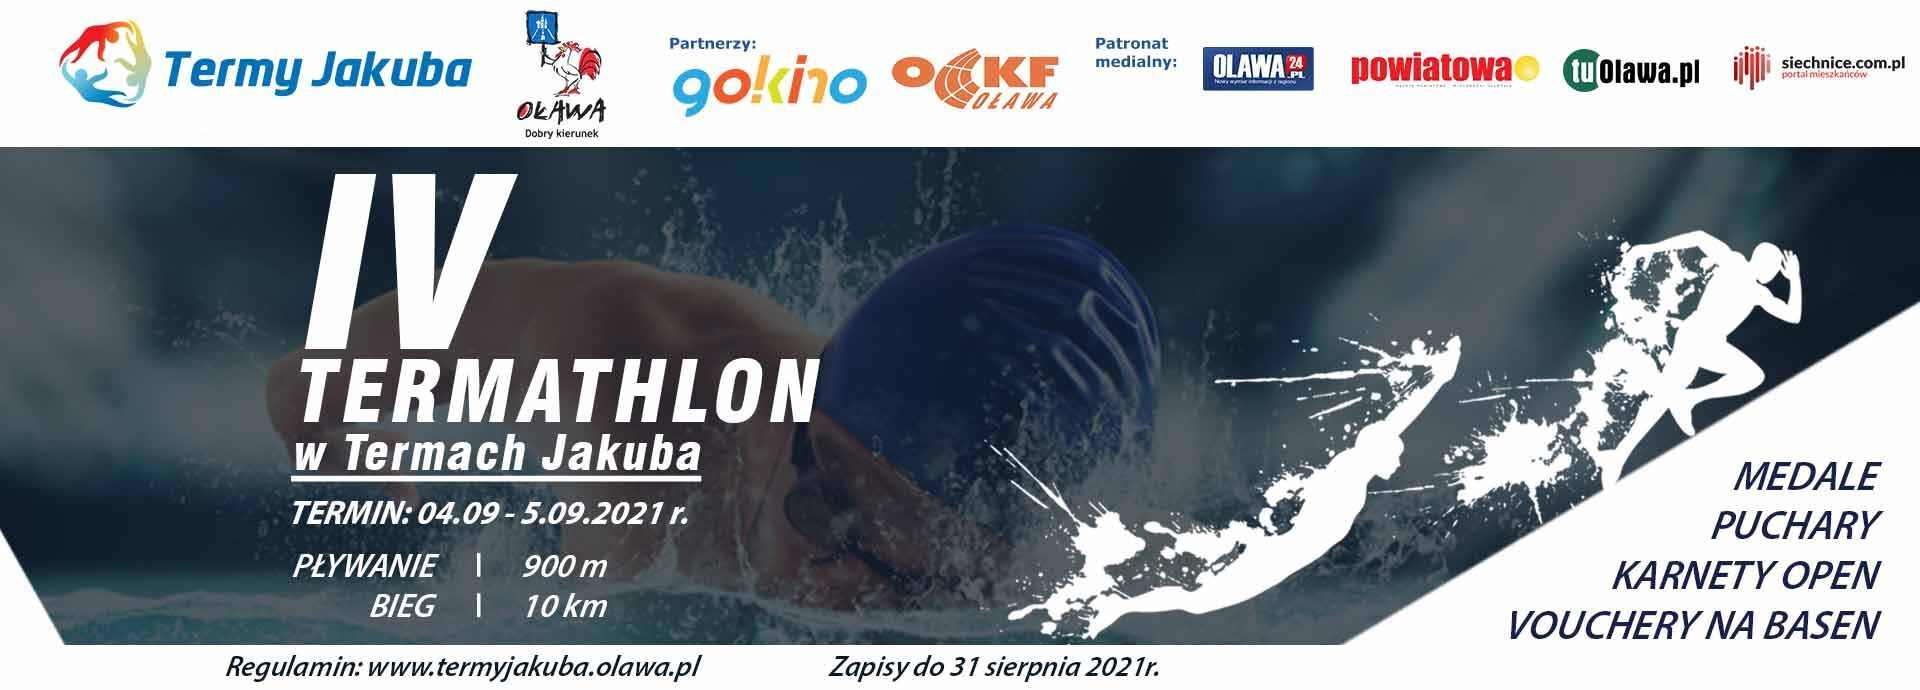 baner imprezy sportowej. 4 edycja termathlonu w termach jakuba w oławie. 4-5.09.2021